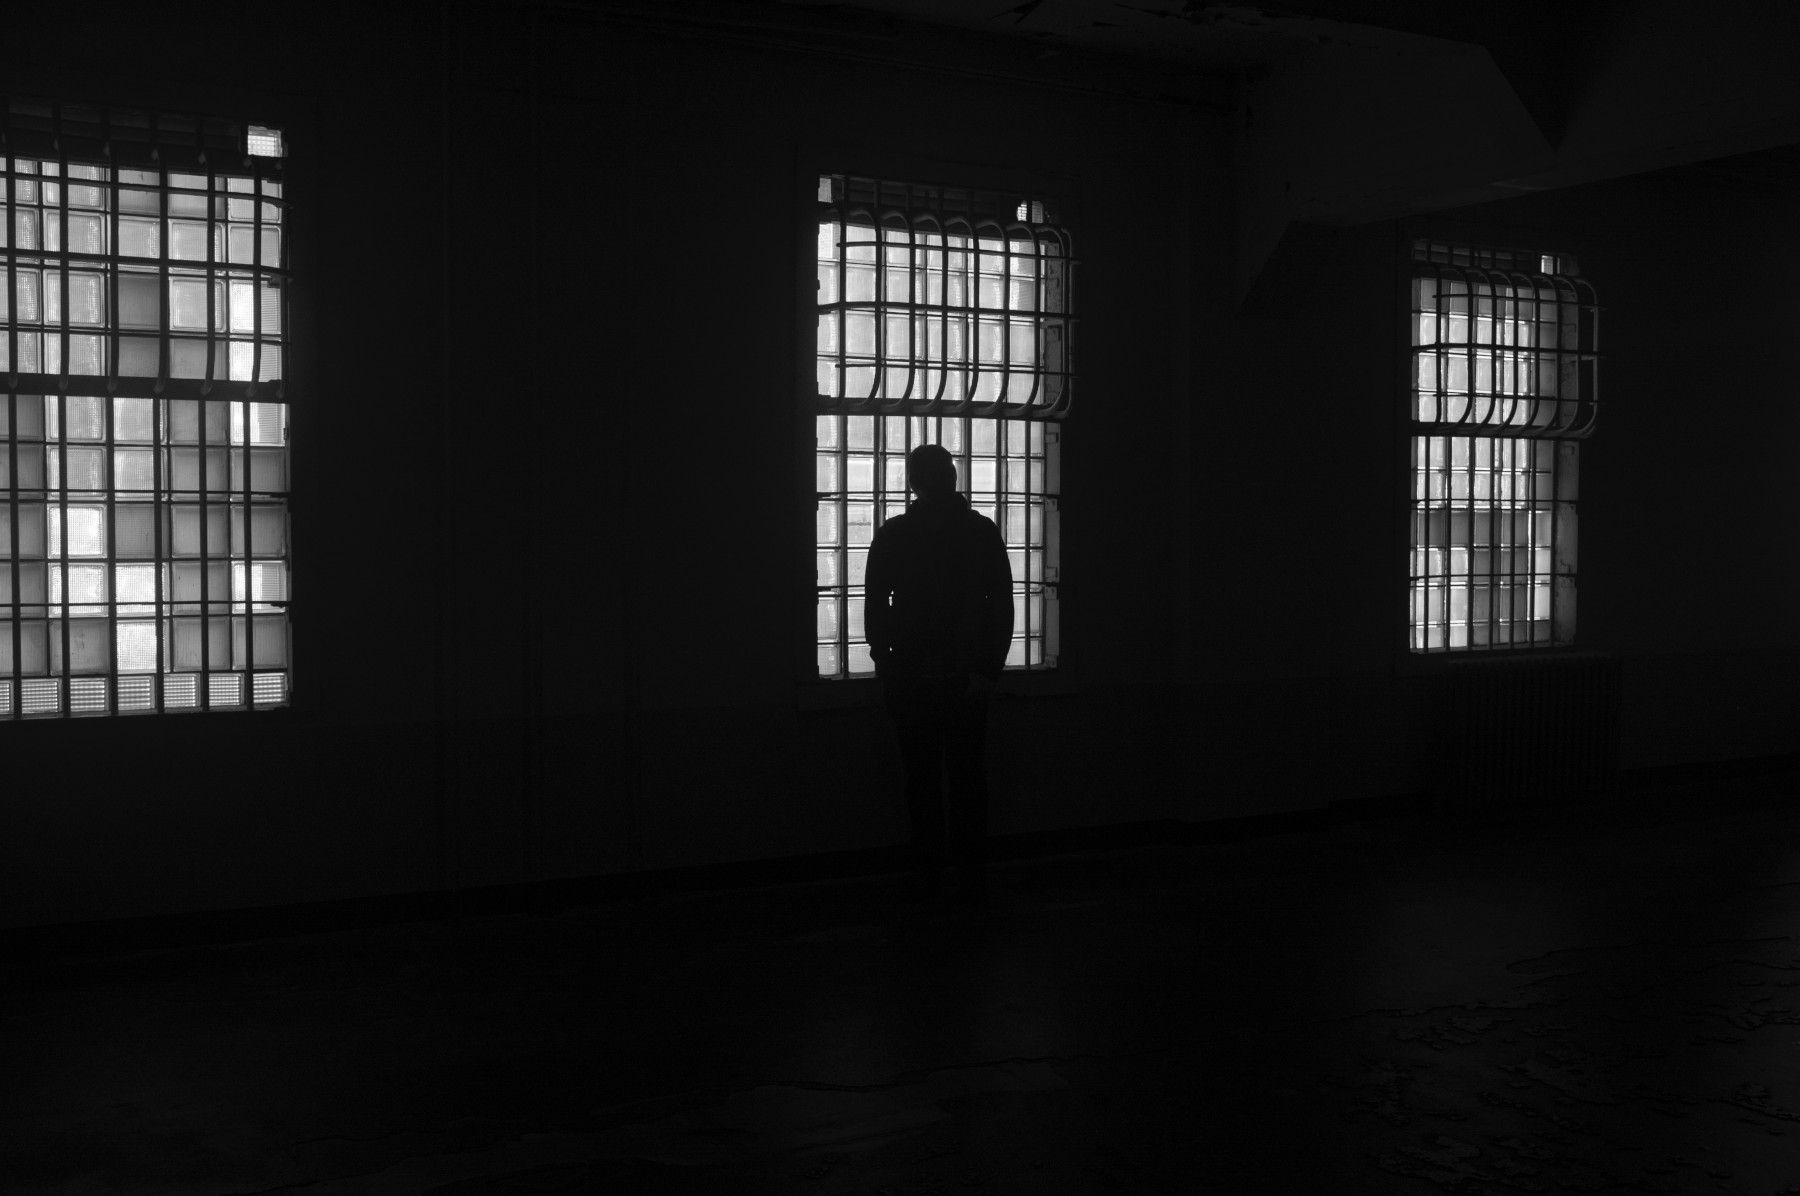 Herr Dr. M., eine Saalverhaftung und die Fluchtgefahr